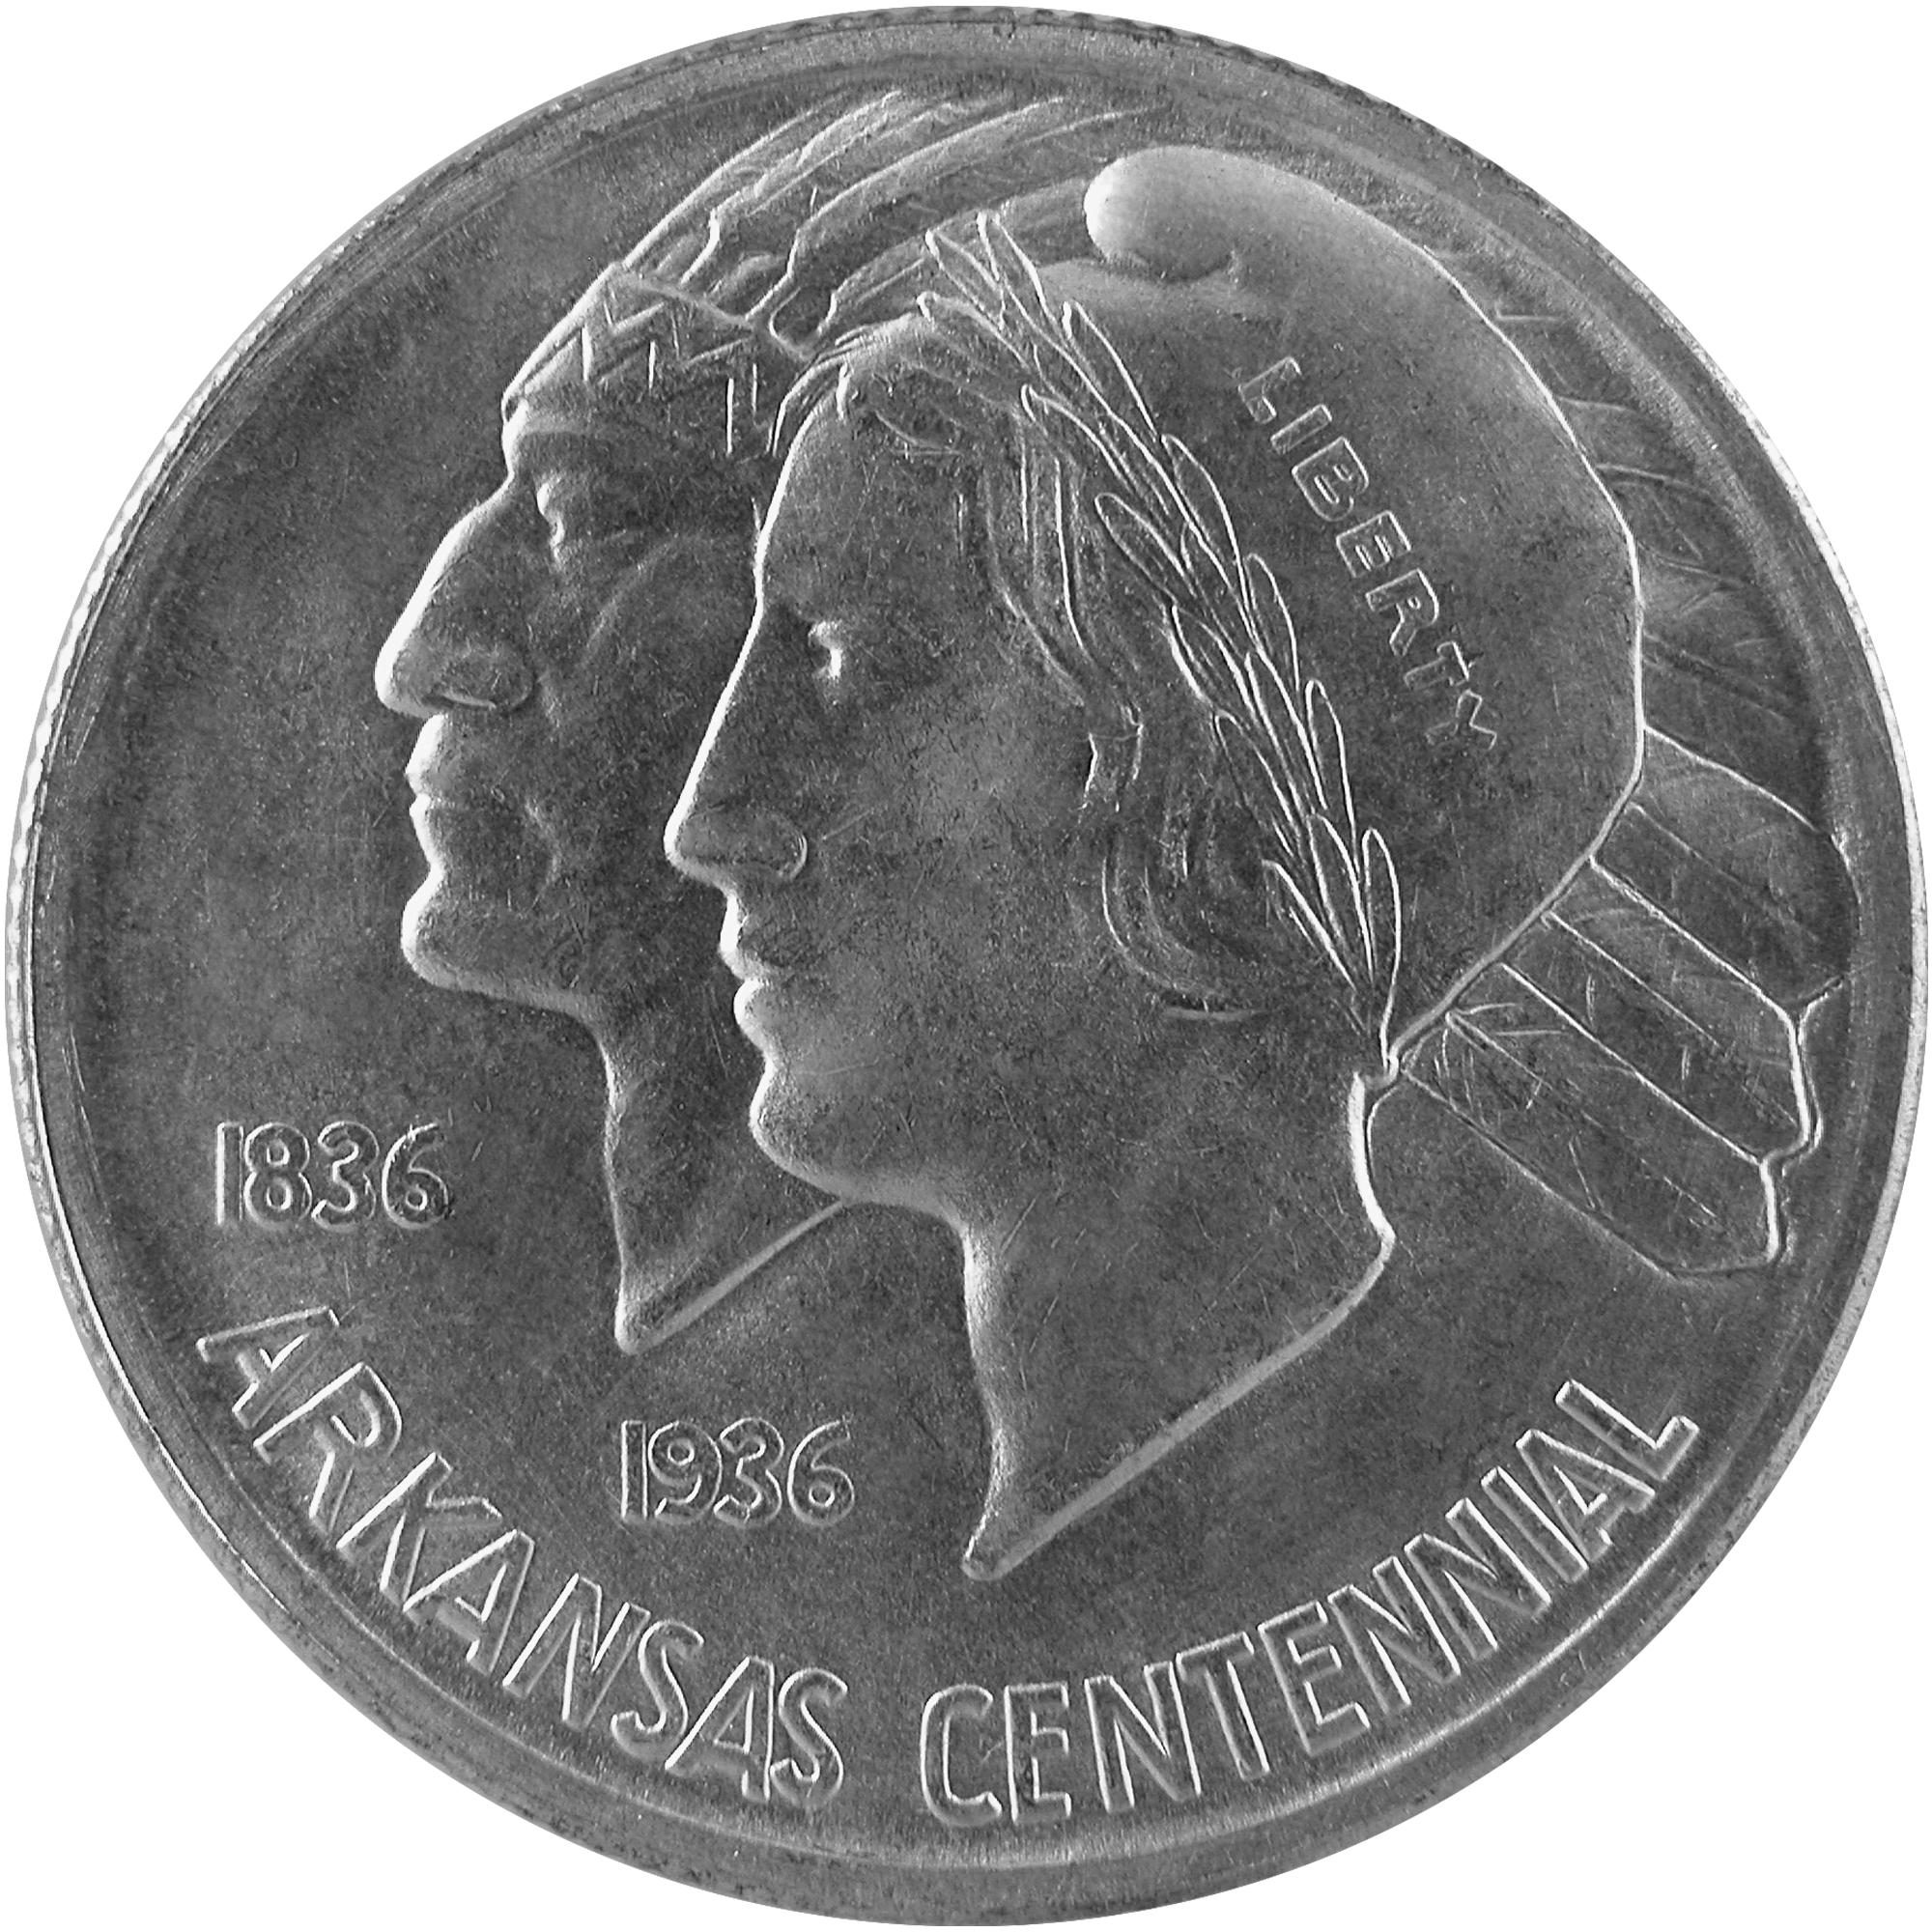 1935 Arkansas Centennial Commemorative Silver Half Dollar Coin Reverse